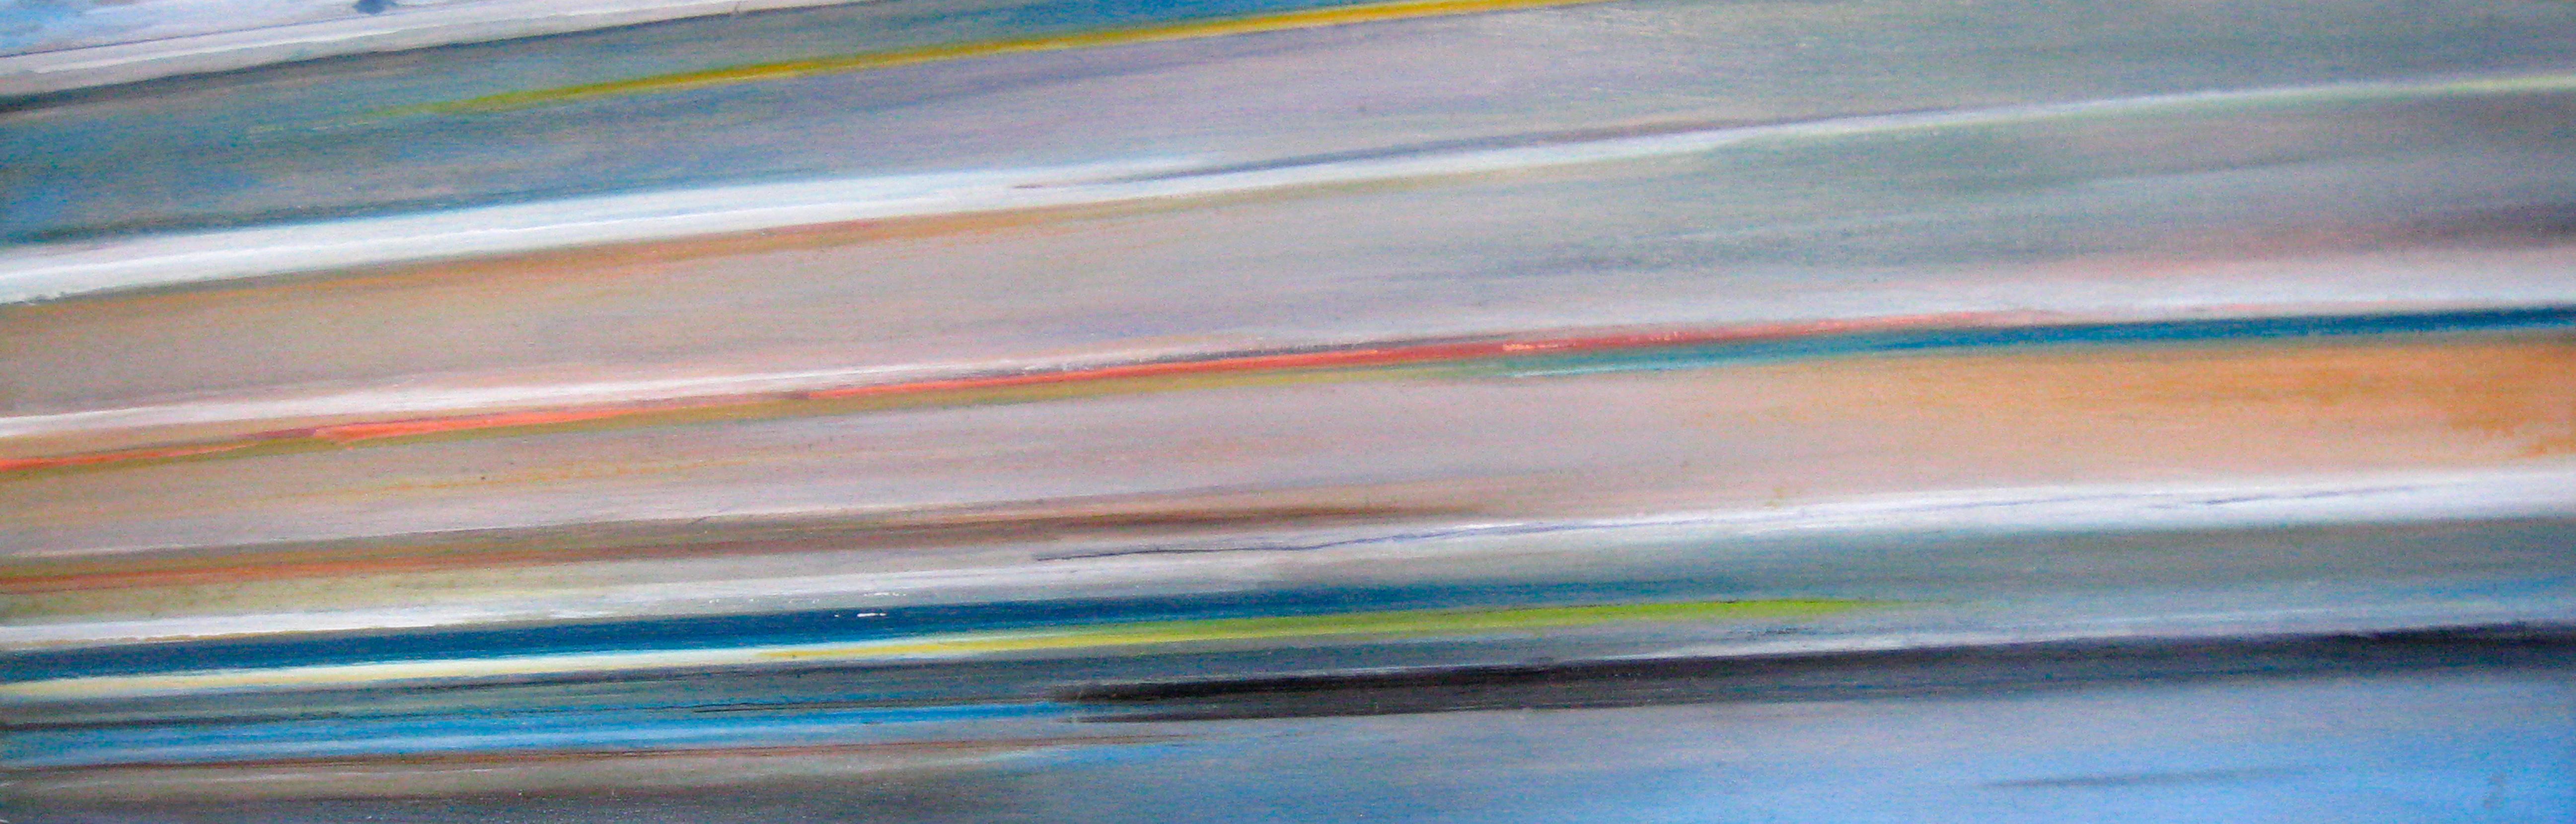 Riikka Ahlfors art painting taide maalaus In shinkansen 2, 60 cm x 20 cm, oil on wood, 2009